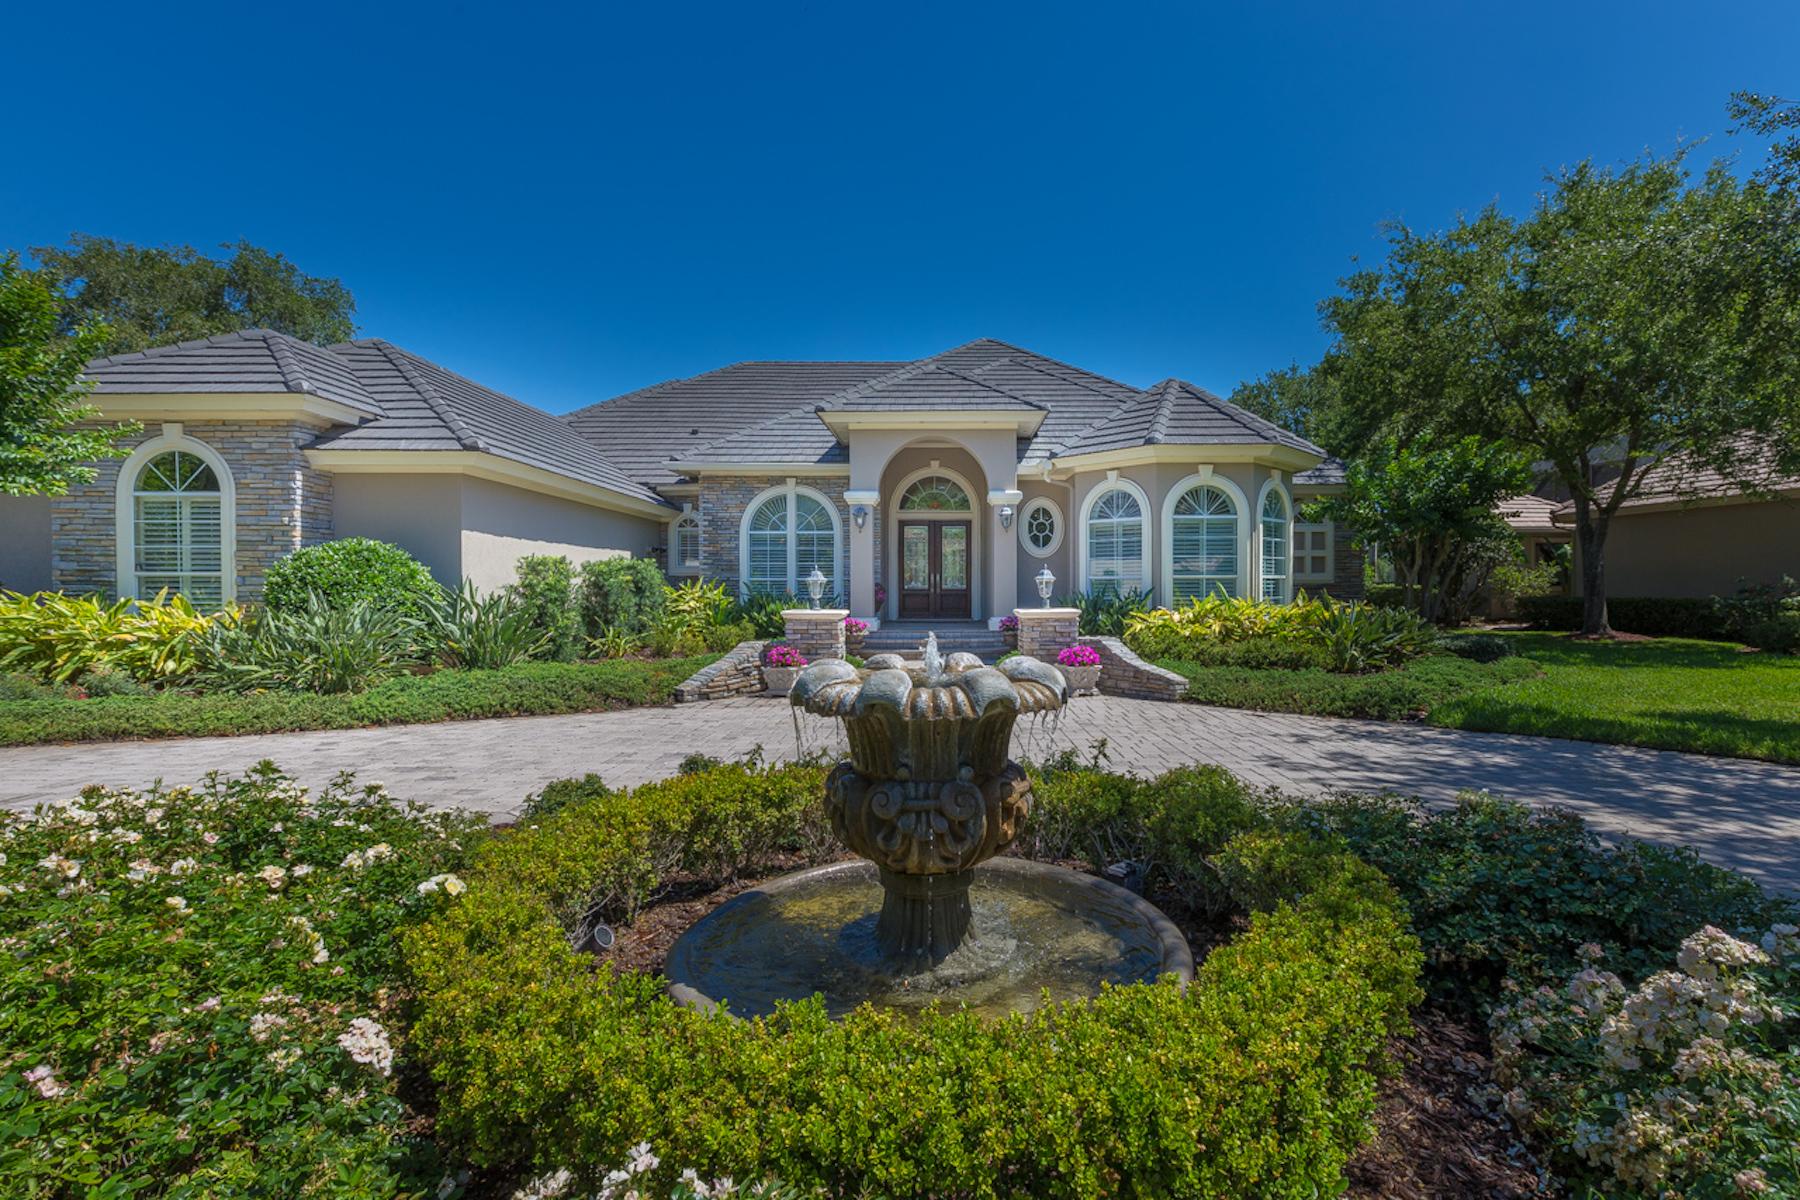 独户住宅 为 销售 在 114 Muirfield Drive 蓬特韦德拉海滩, 佛罗里达州, 32082 美国